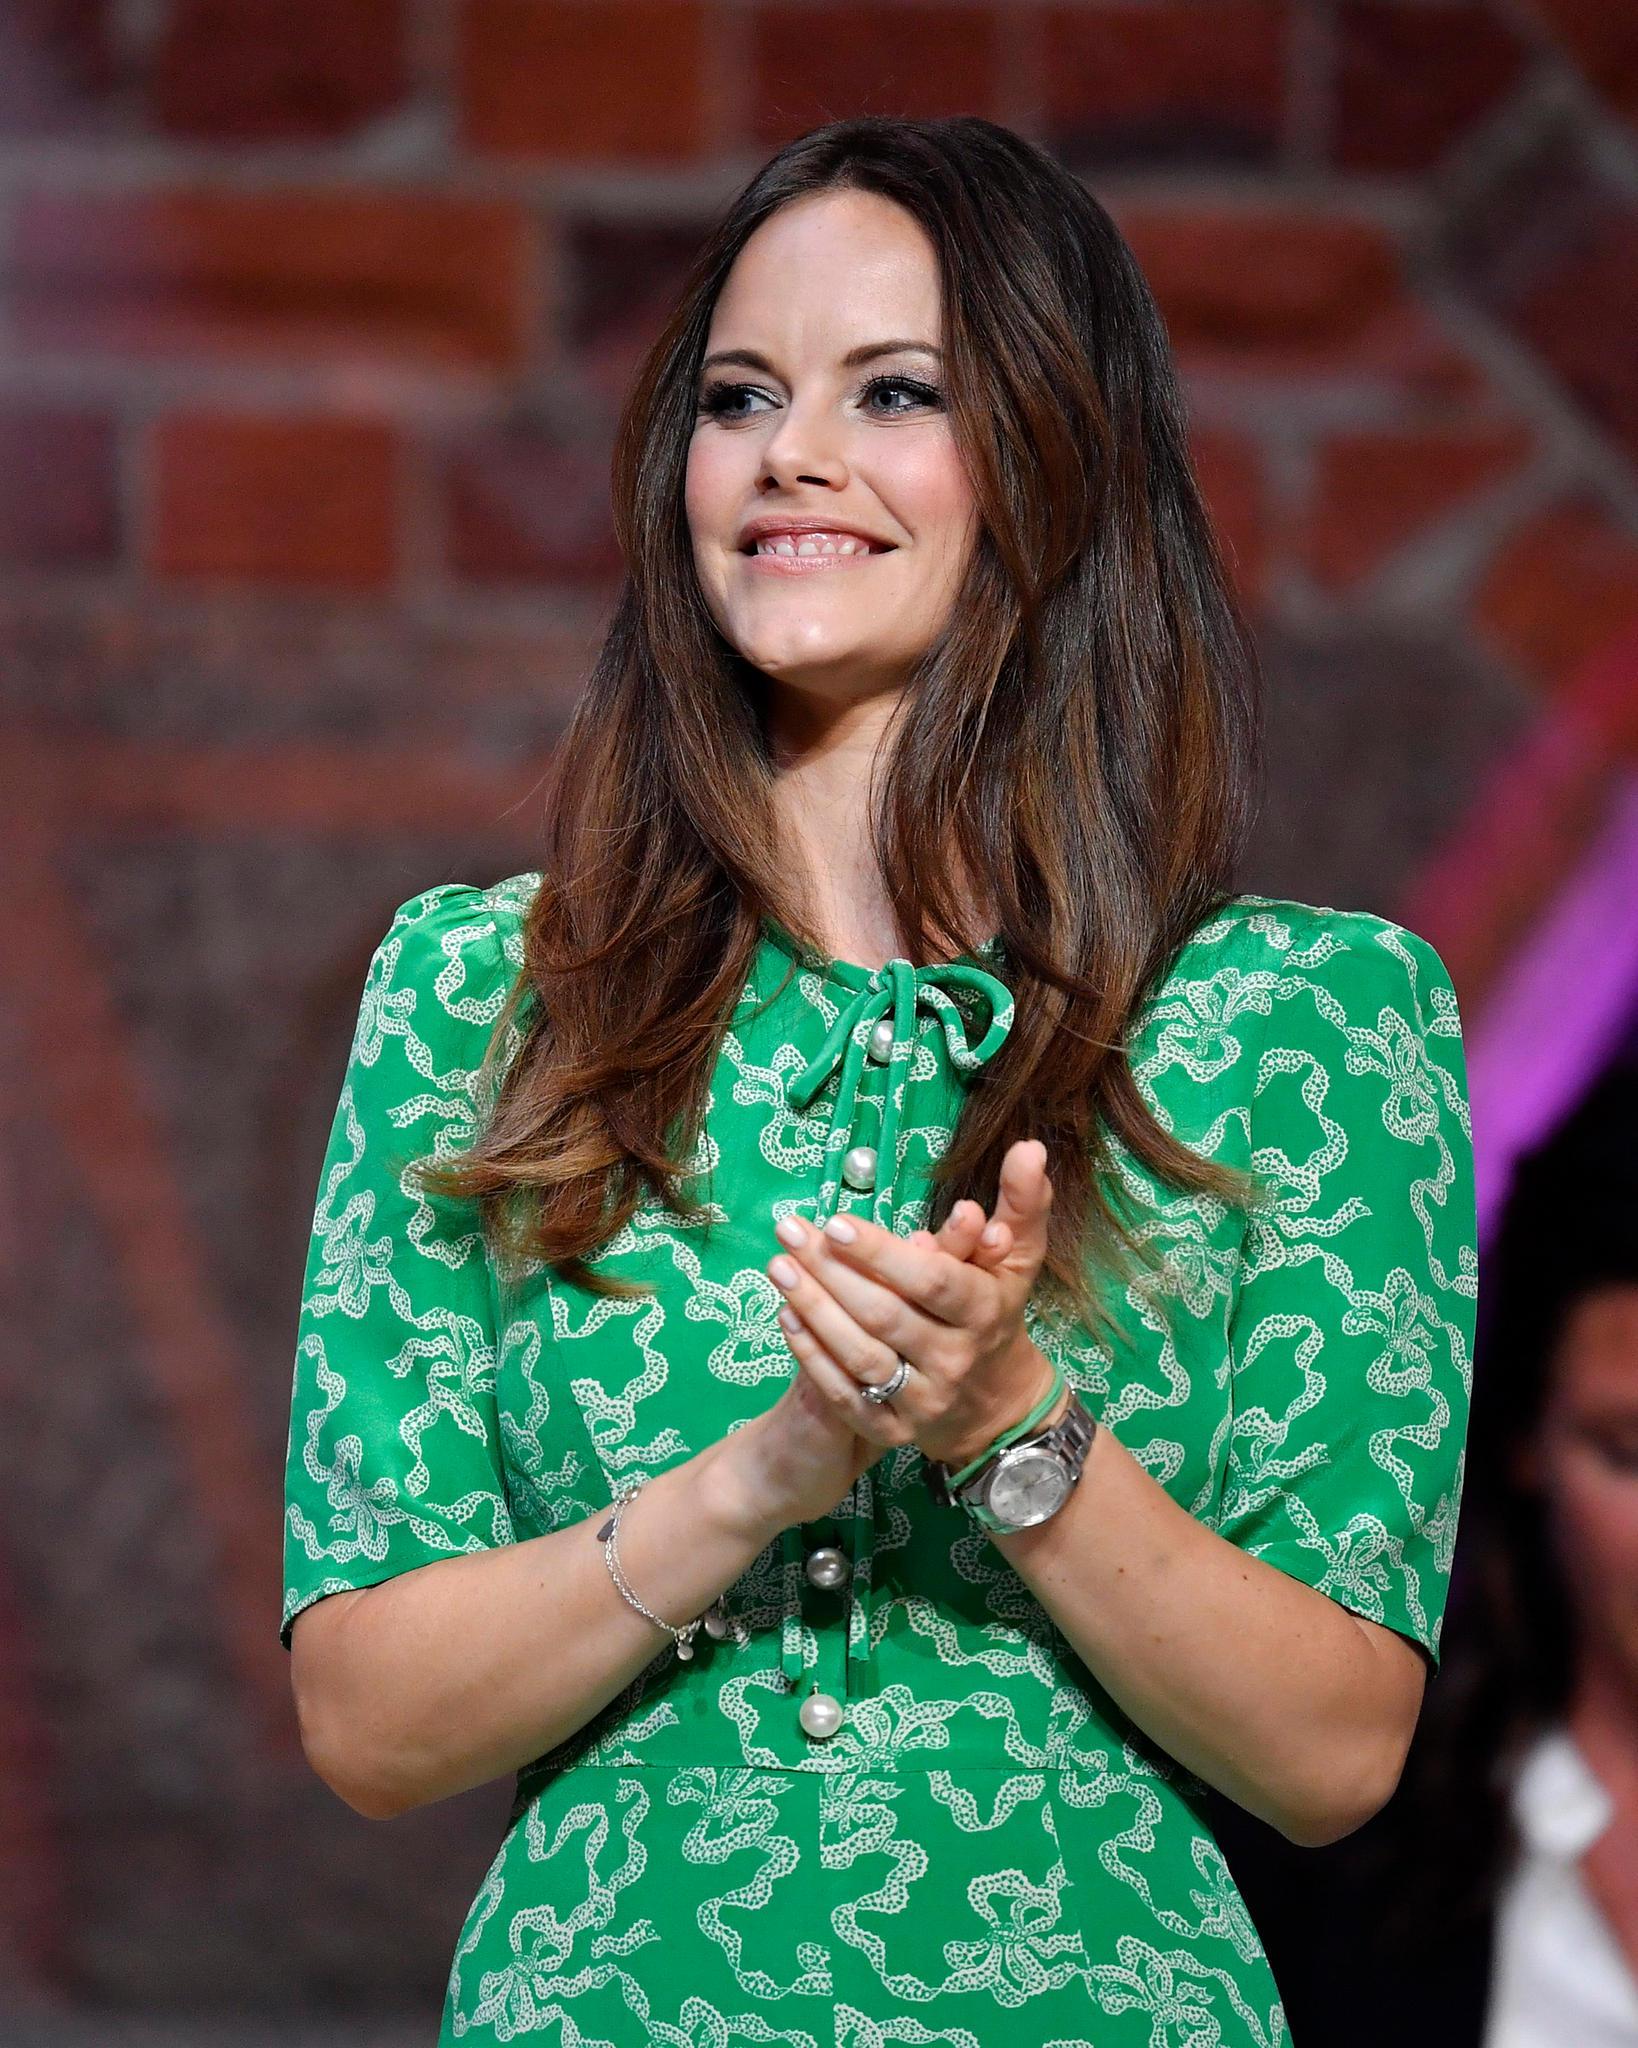 Die Knopfleiste des Kleides ist mit großen Perlen versehen, dezente Puffärmel verleihen dem Look einen mädchenhaften Touch. Prinzessin Sofia wählt zu dem Kleid in Grüntönen nudefarbene Accessoires ...